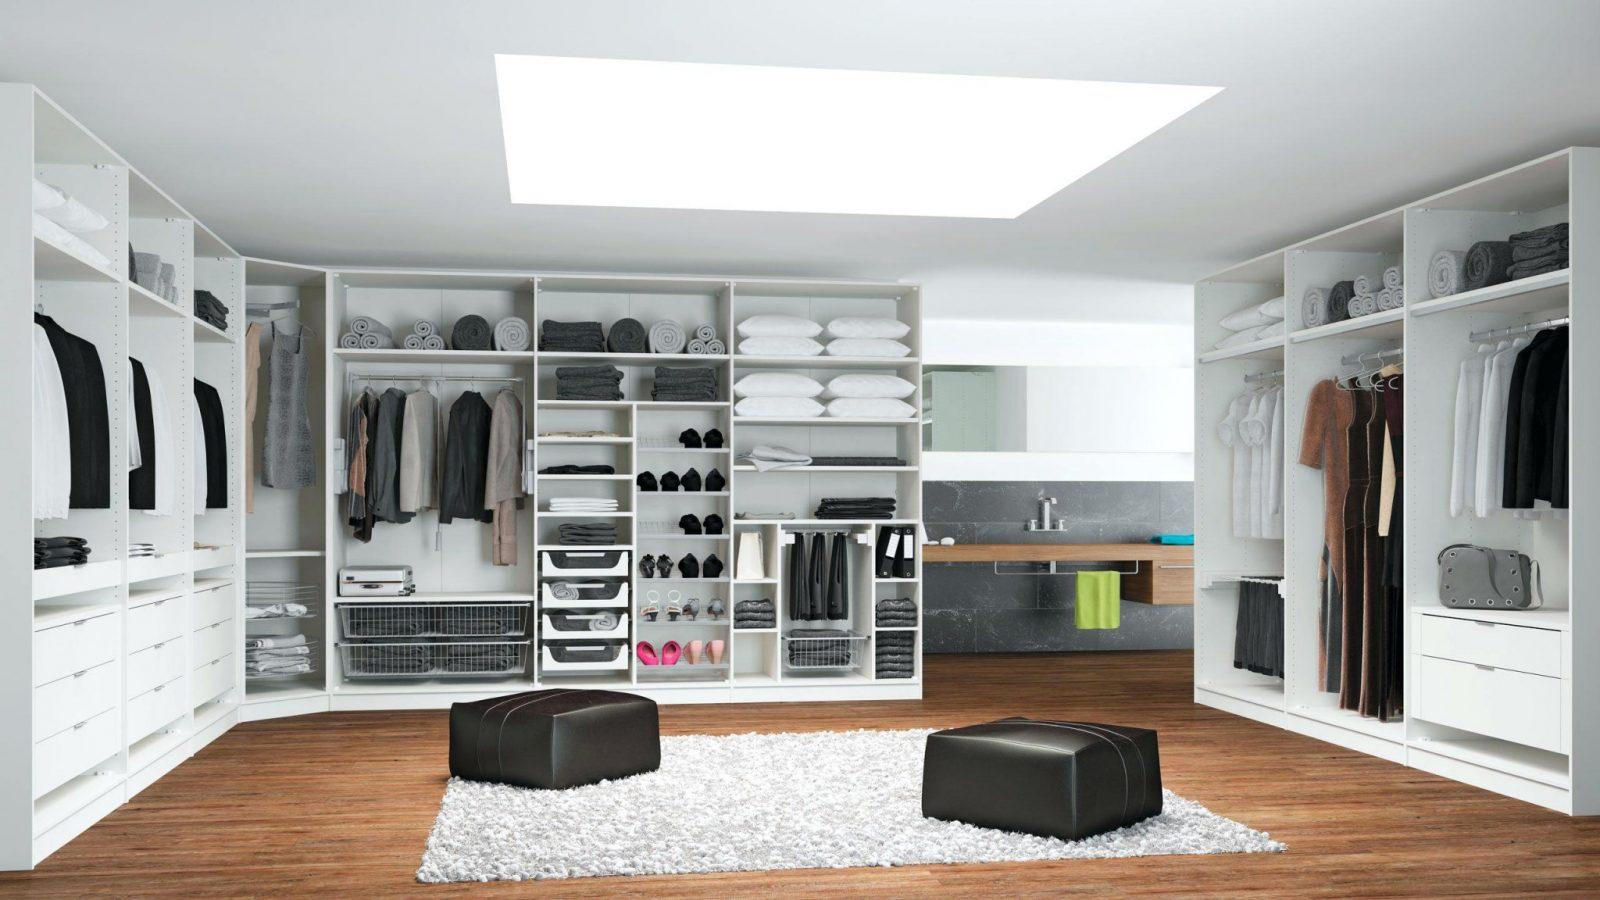 Innenarchitektur Schlafzimmer Mit Begehbarem Kleiderschrank von Begehbarer Kleiderschrank Kleines Schlafzimmer Photo